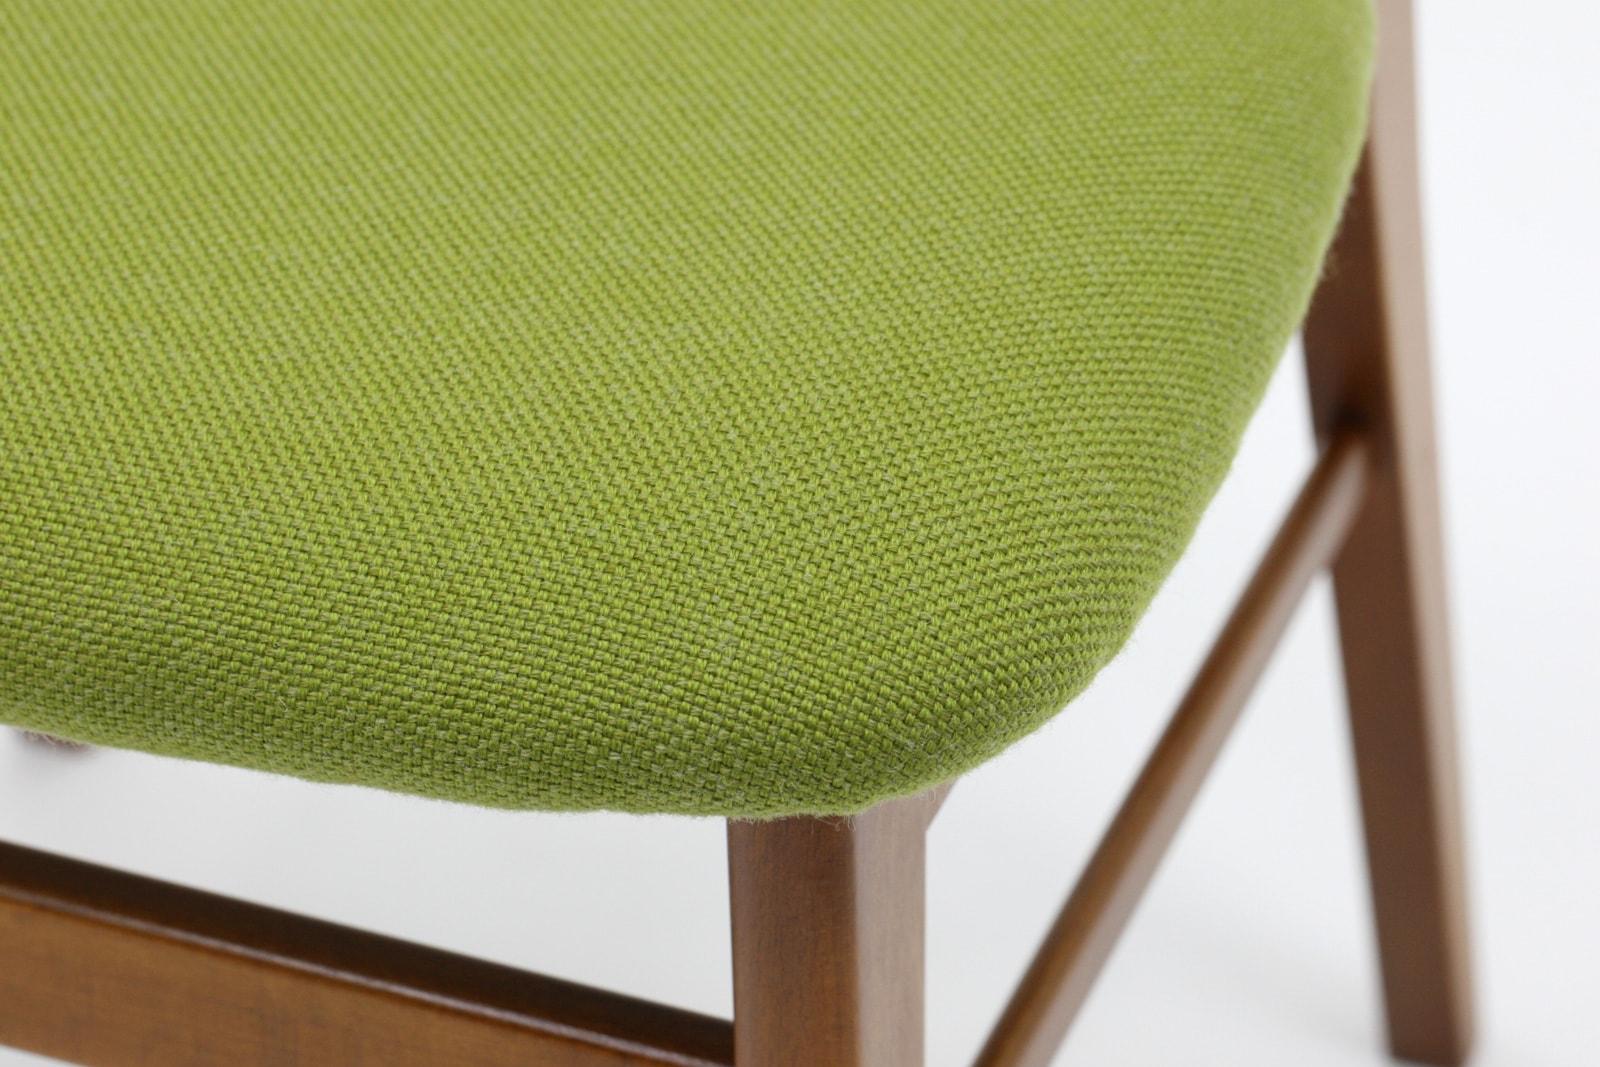 ヴィンテージ,北欧,家具,ダイニングチェア,4脚セット,緑の座面